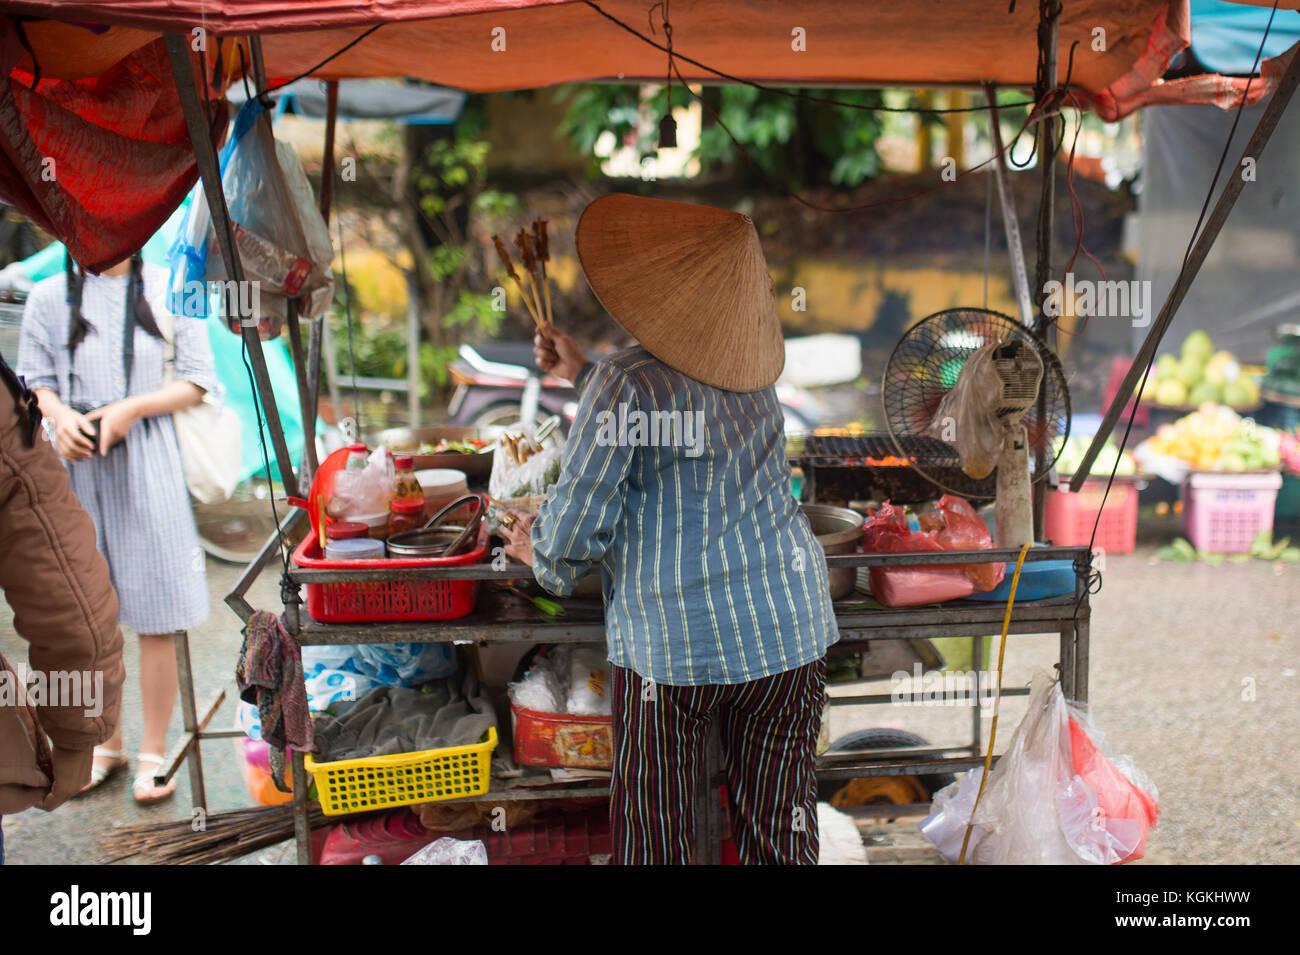 -Focus sélectif- femme non identifiée avec des chapeaux coniques vietnamiens vendent des légumes frais et la viande brochettes sur un marché de rue dans Hoi An, Vietnam Banque D'Images